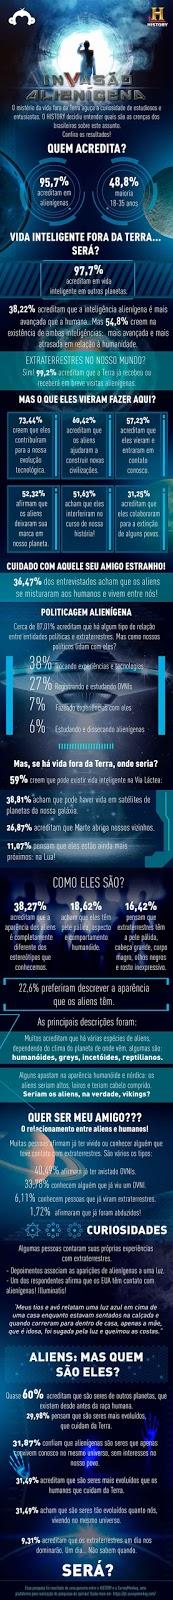 No Brasil, 59% dos participantes acha que o Sistema Solar pode abrigar outras formas de vida além da terrestre. Já nos países hermanos, 77% acredita que a vida fora da Terra está mais próxima do que se imagina. No quesito aparência, apesar da fama e grande repercussão, os blockbusters E.T, de Steven Spielberg, e Alien, de Ridley Scott, erraram feio. Menos de 1% dos latino americanos acredita que os extraterrestres teriam a aparência do E.T ou o Alien dos filmes hollywoodianos.